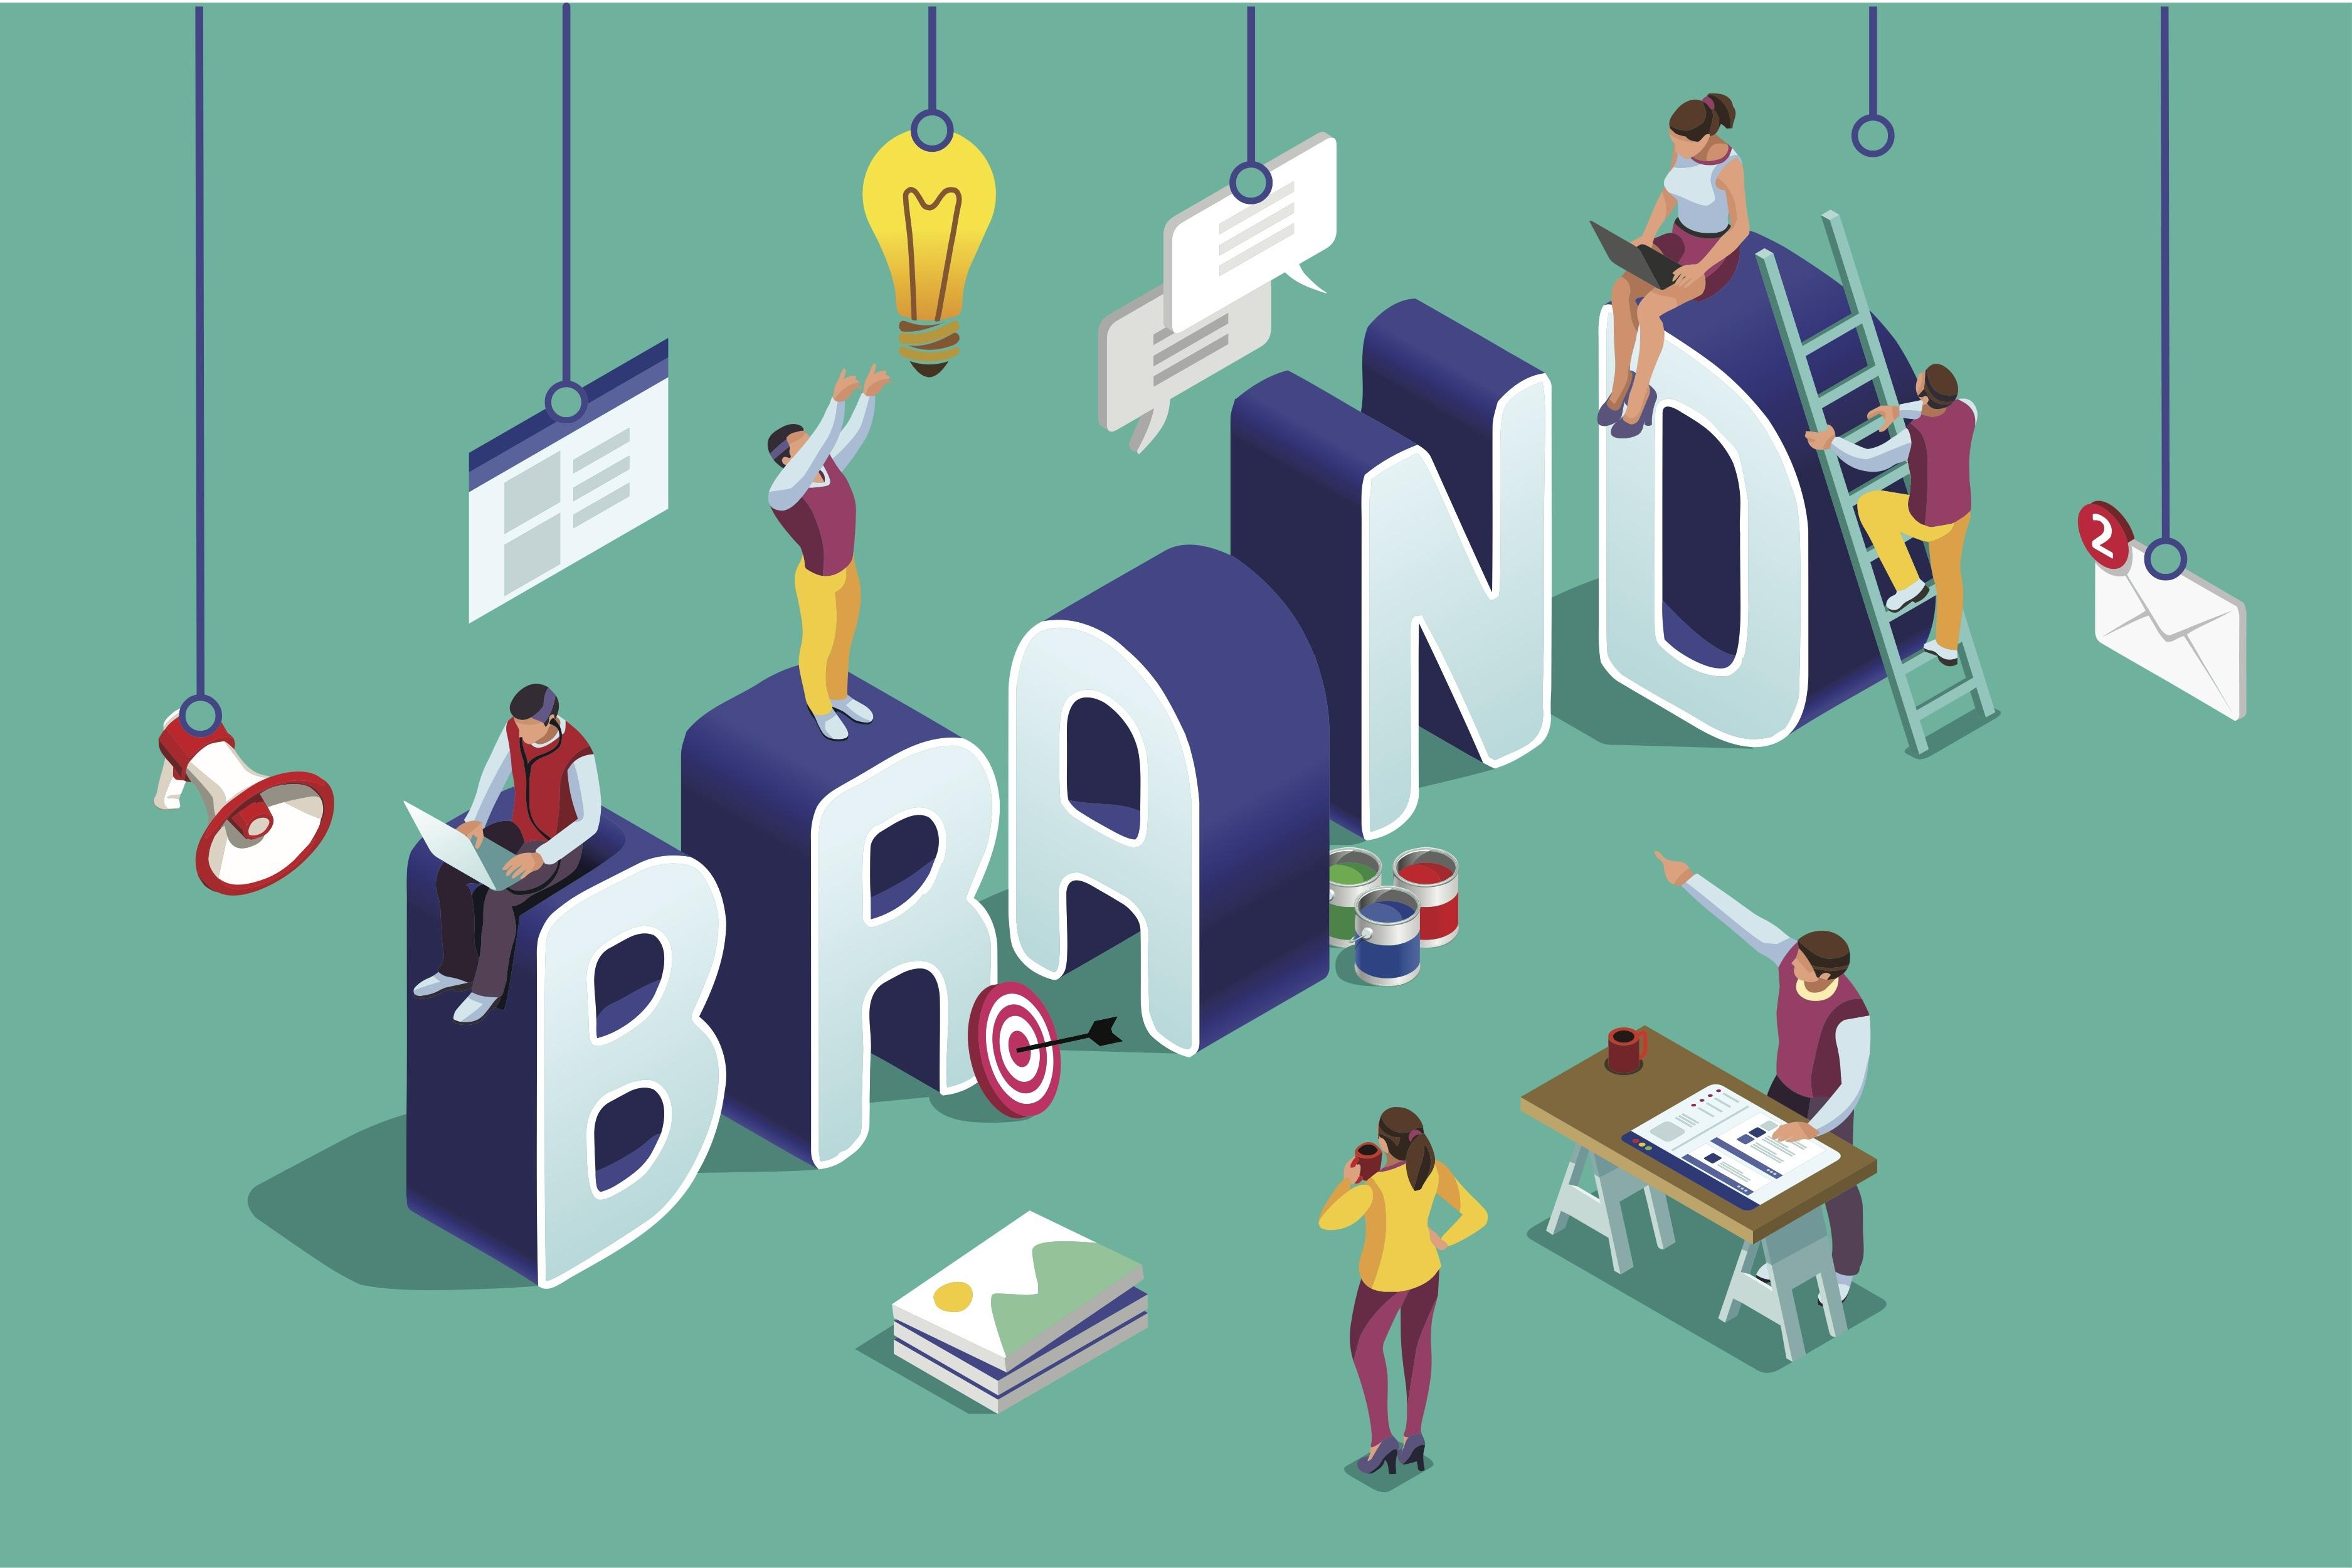 數據出爐 這 3 種品牌類型,最受台灣消費者青睞